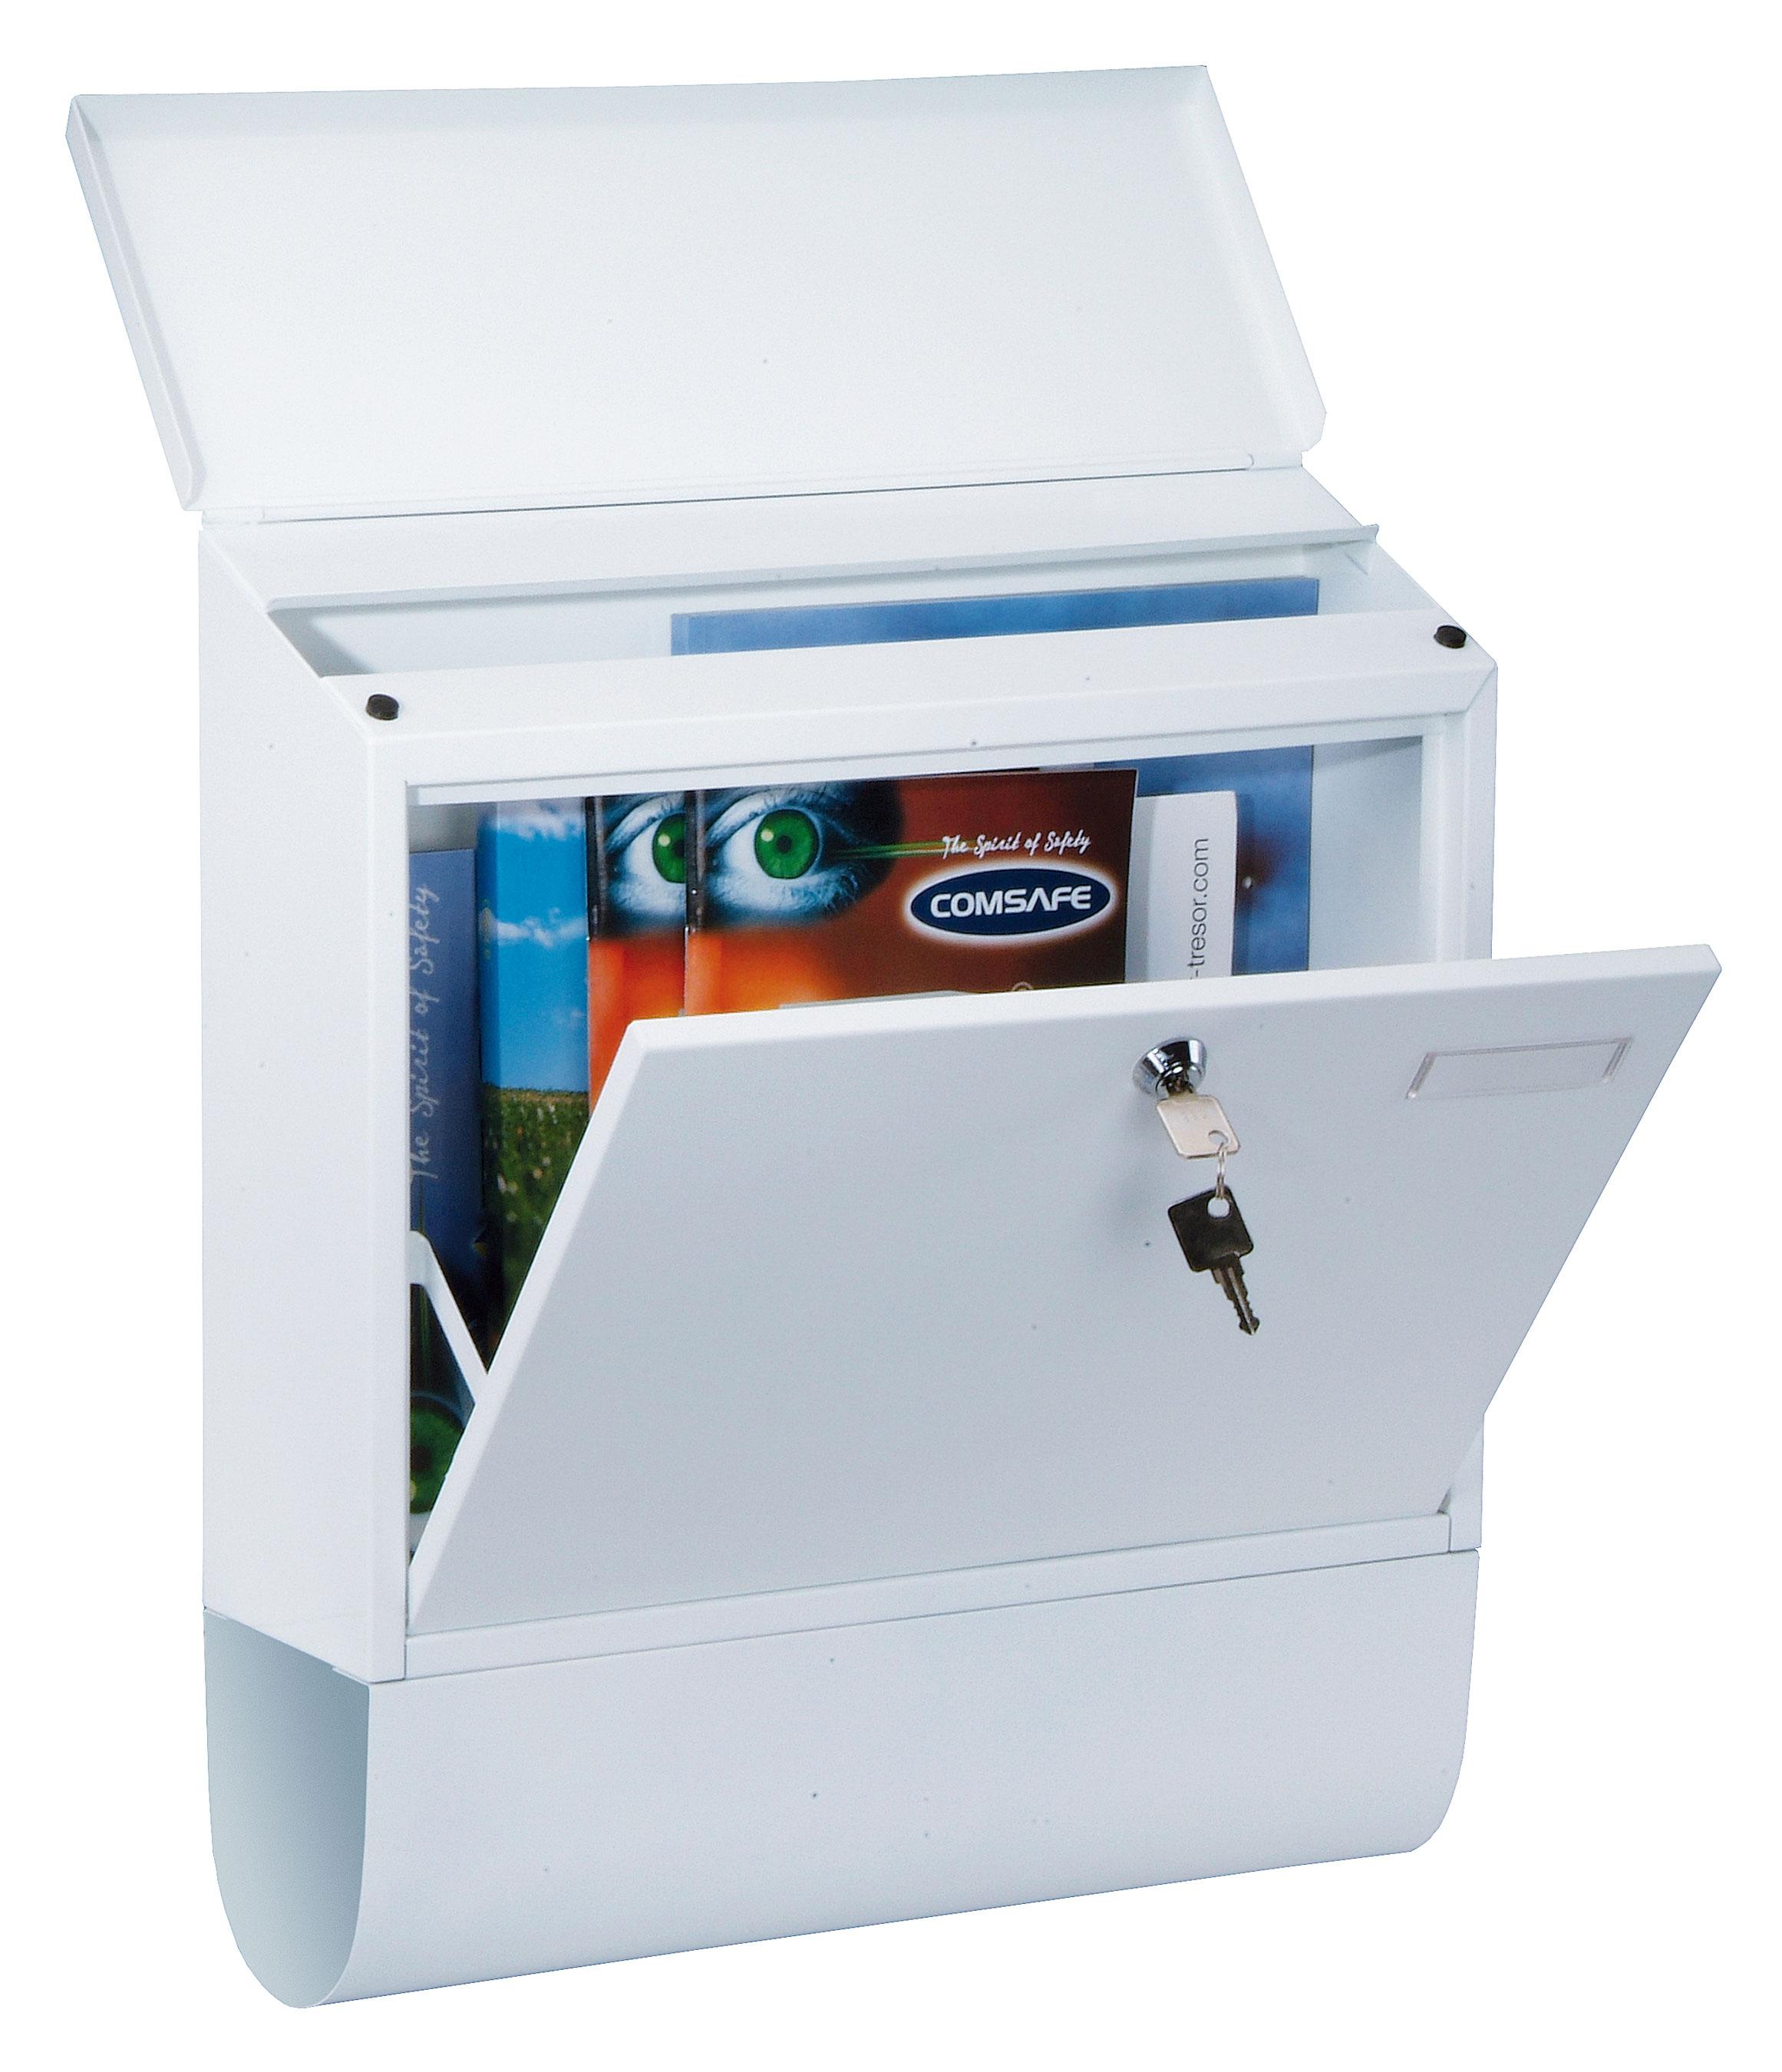 Rottner Briefkasten Villa Spezial weiß 420x365x115mm Bild 1